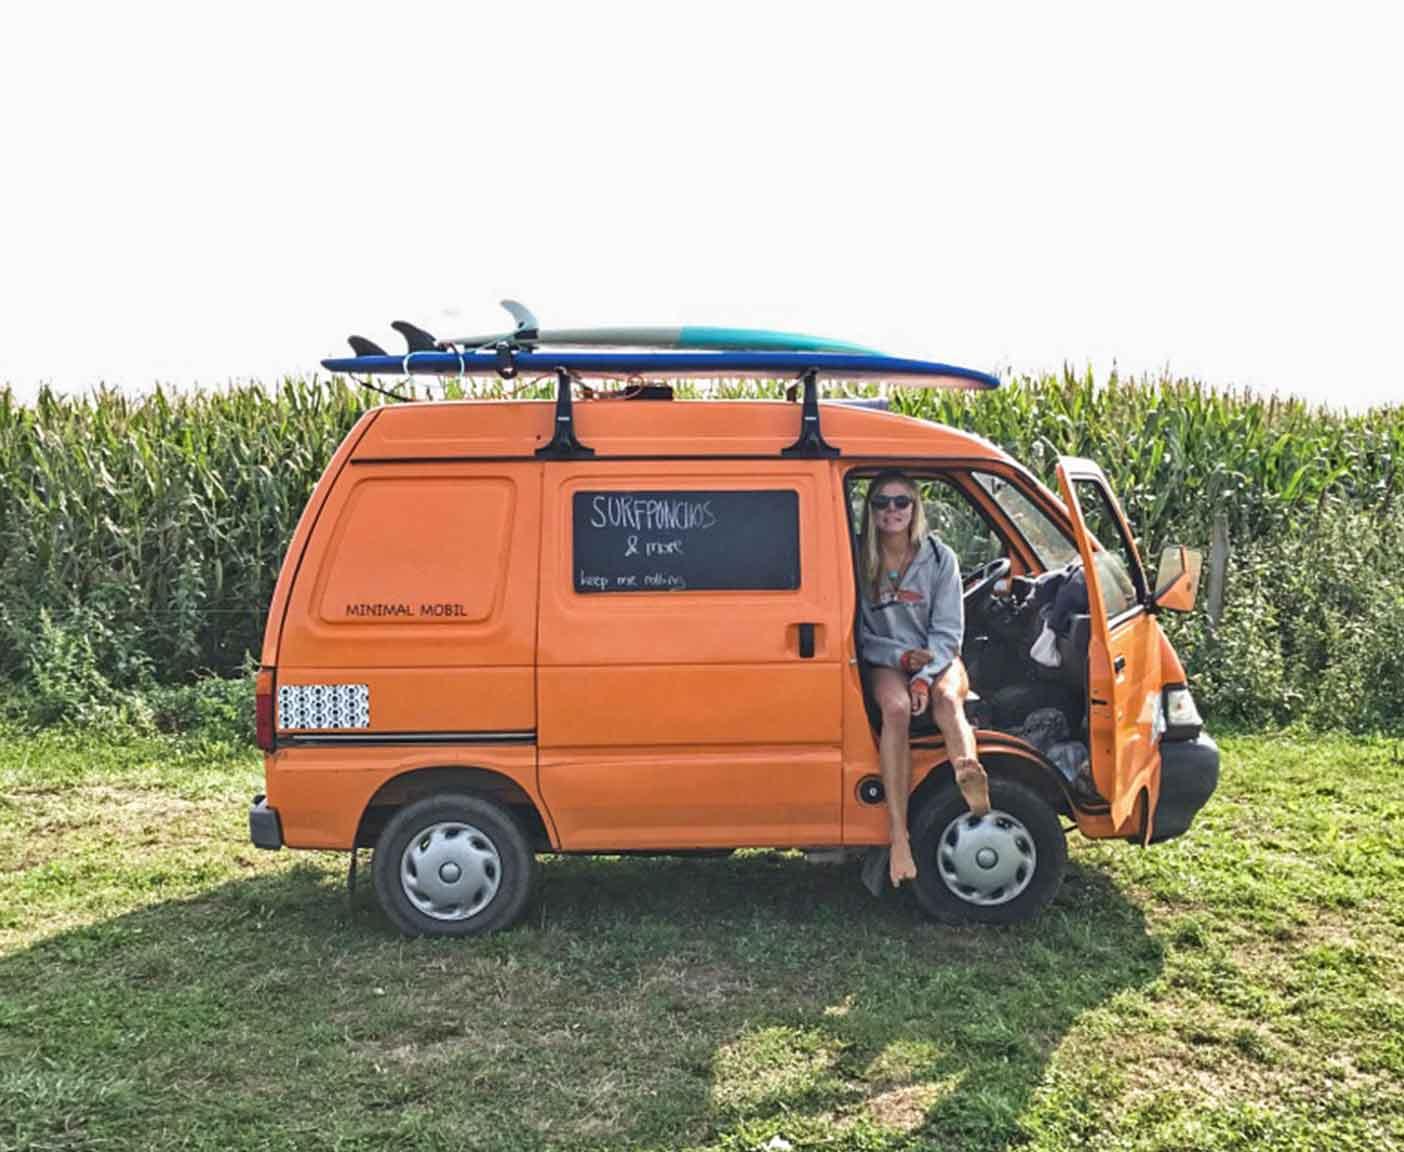 piaggio-porter-minicamper-minivan-camper-mini-wohnmobil-kleiner-selbstausbau-22